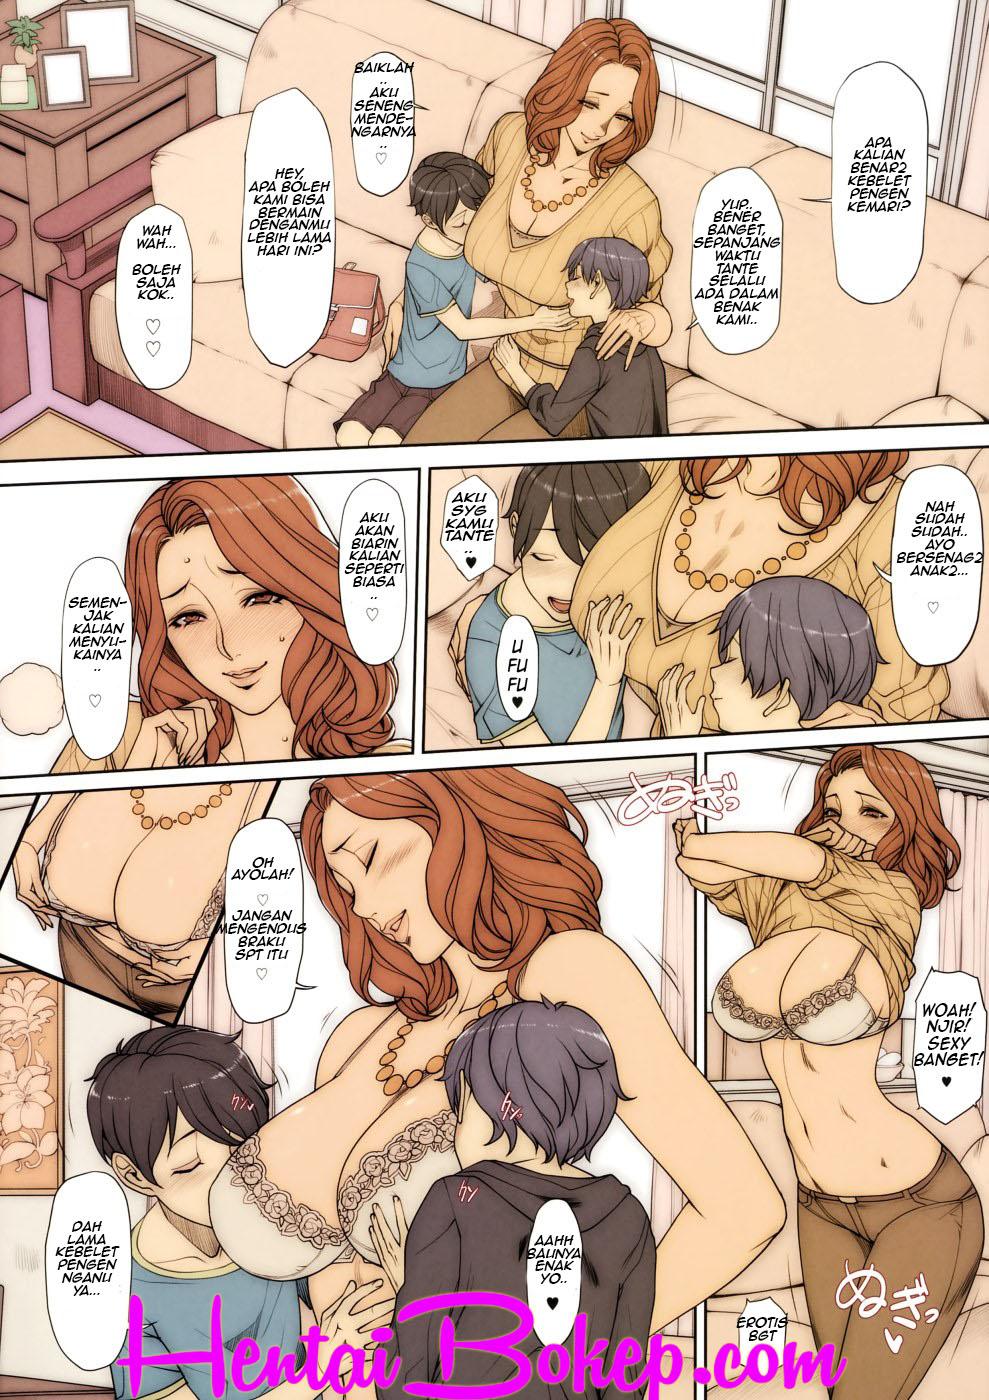 Komik Manga Hentai Tante Lagi Ketagihan Ngentot